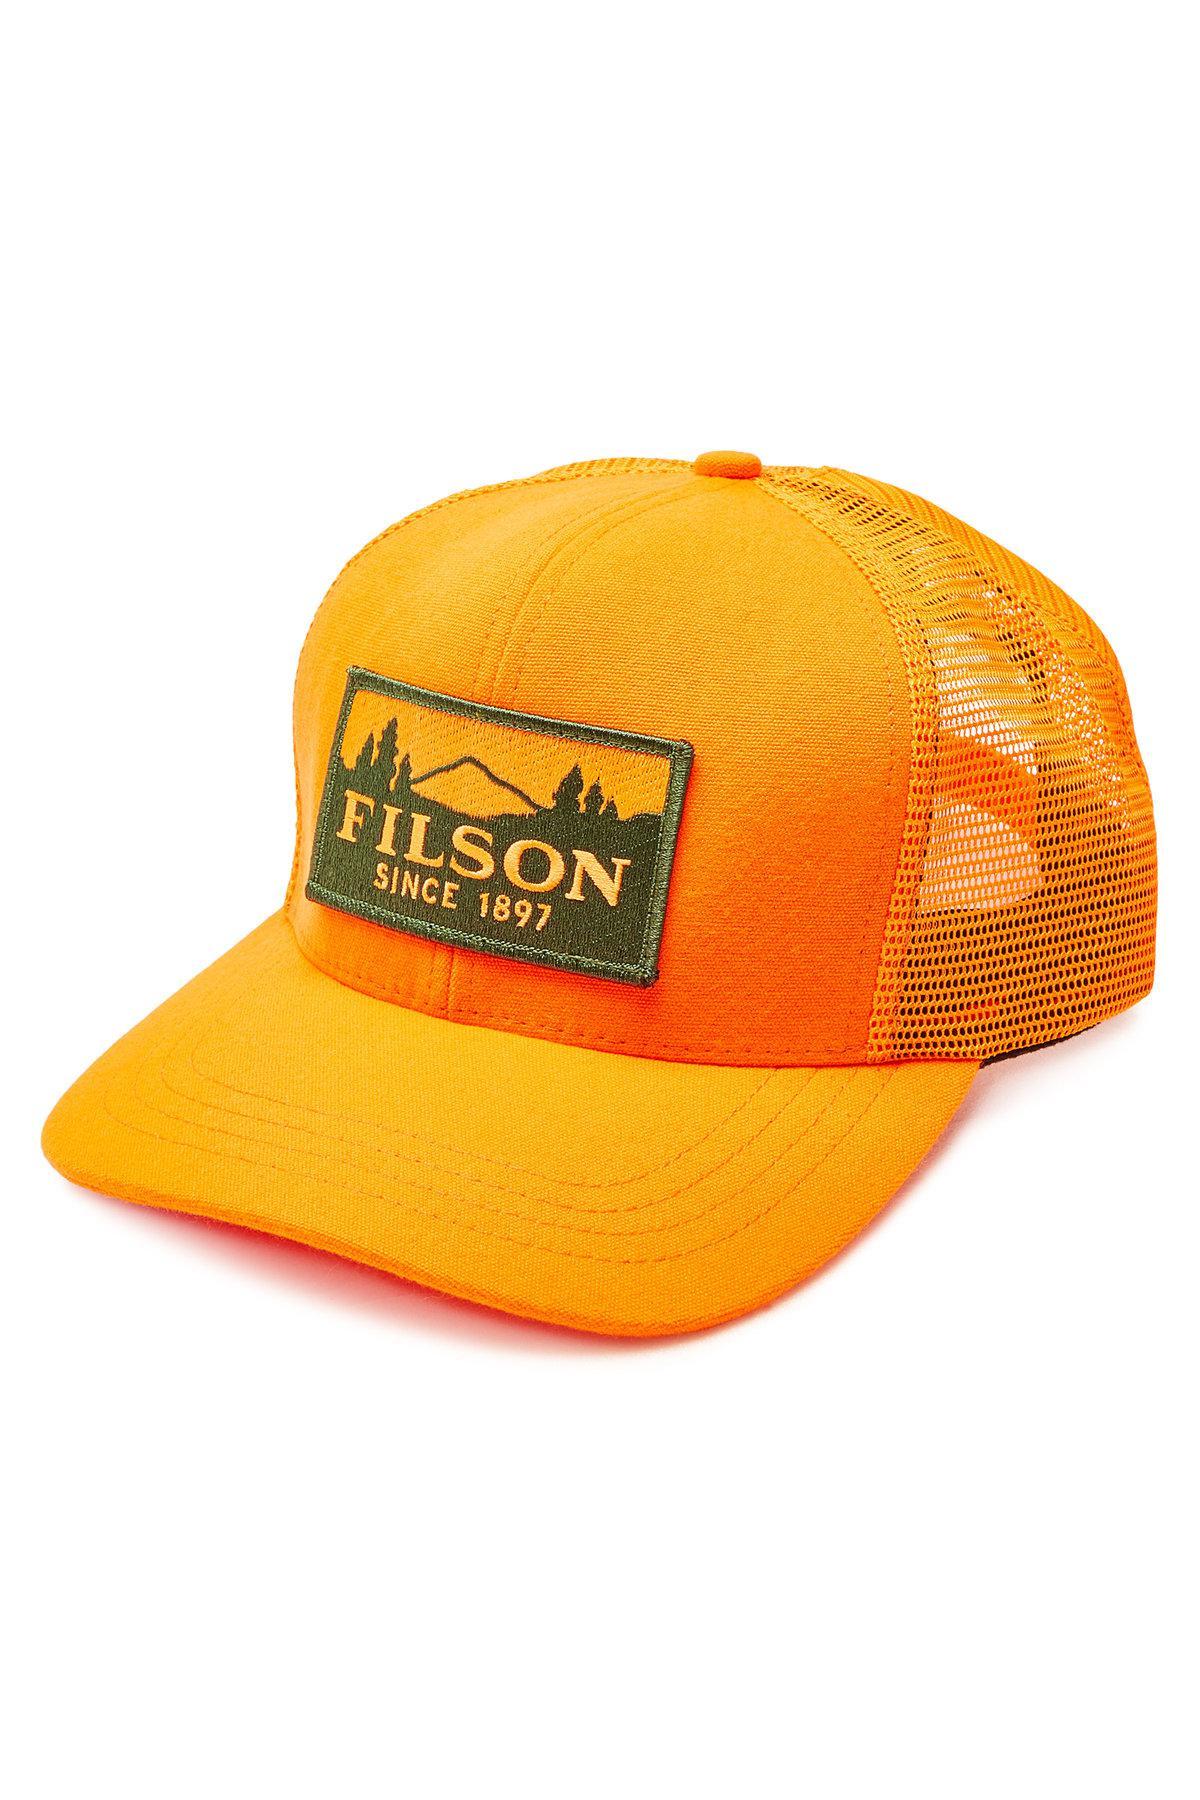 8675e5b8f52 Filson - Orange Logger Cotton Baseball Cap With Mesh for Men - Lyst. View  fullscreen